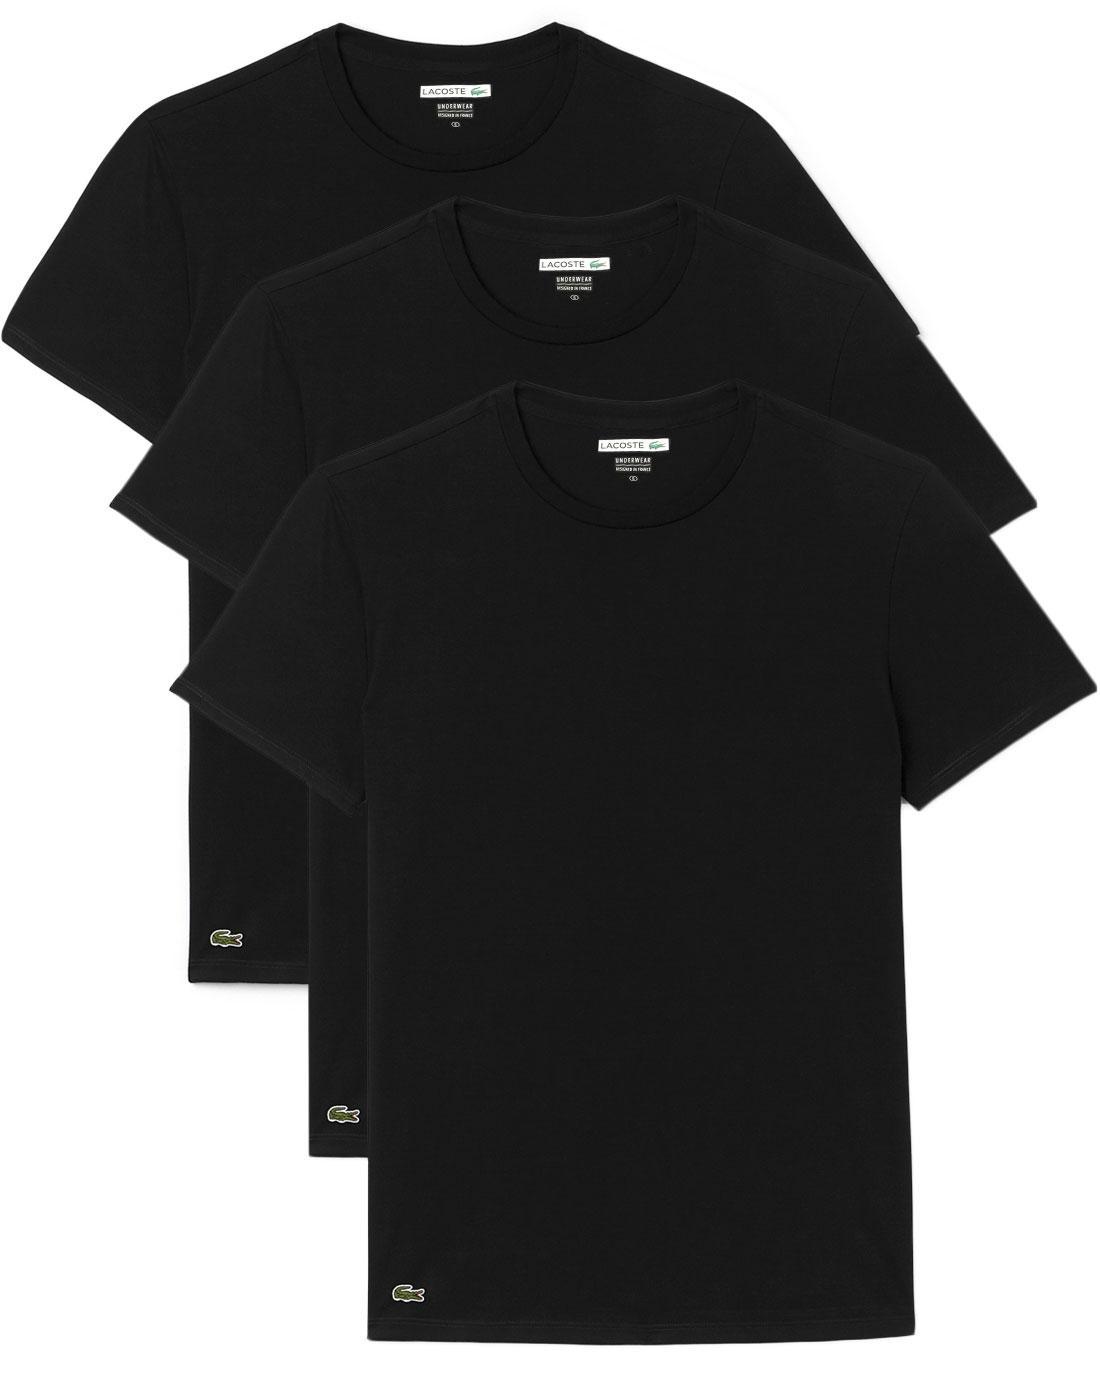 LACOSTE Men's 3 Pack Crew Neck T-Shirt - BLACK